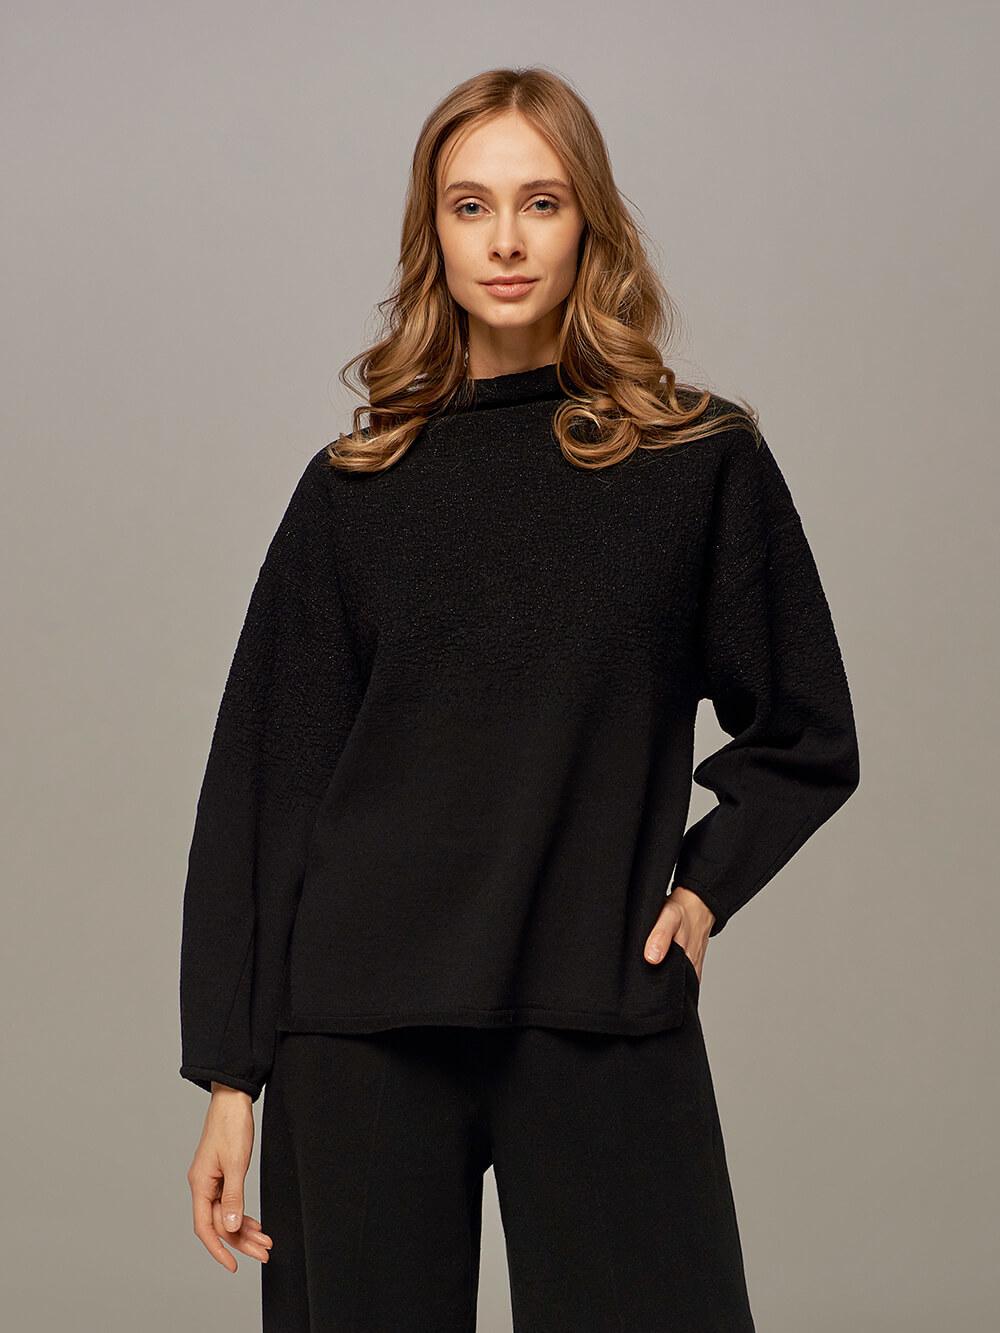 Женский джемпер черного цвета из шерсти - фото 1